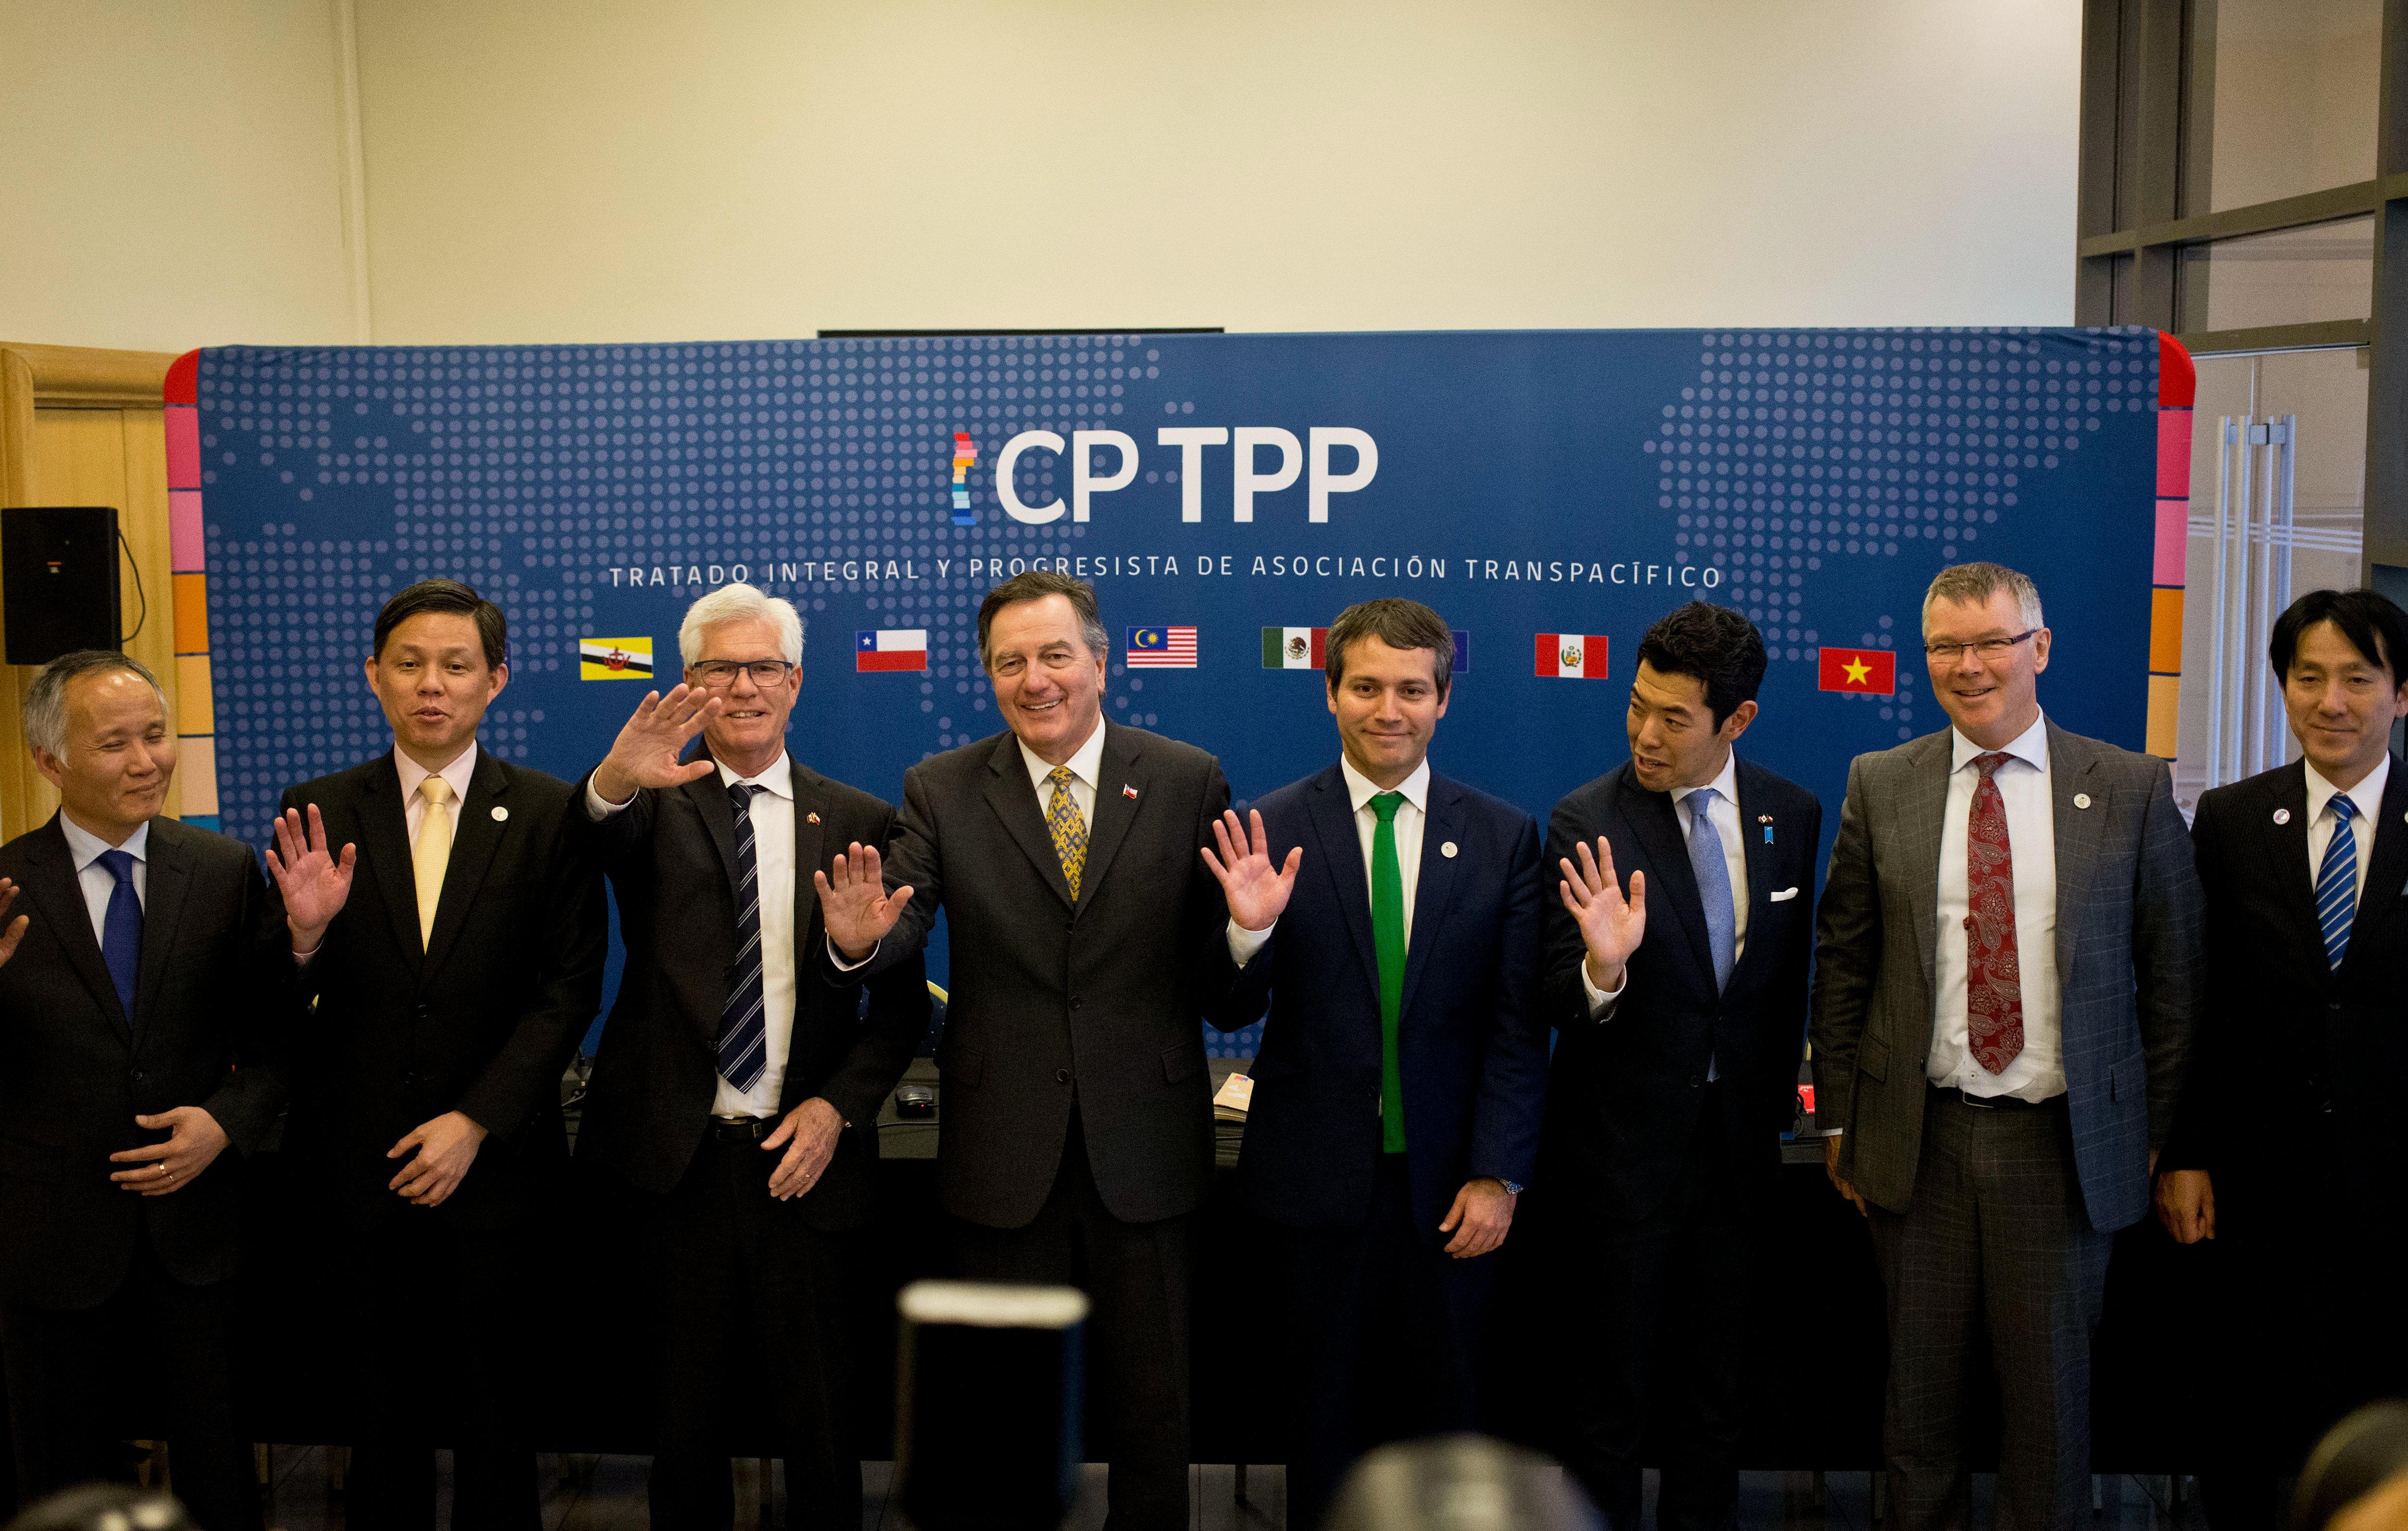 摩登5官网中国为什么要加入CPTPP?